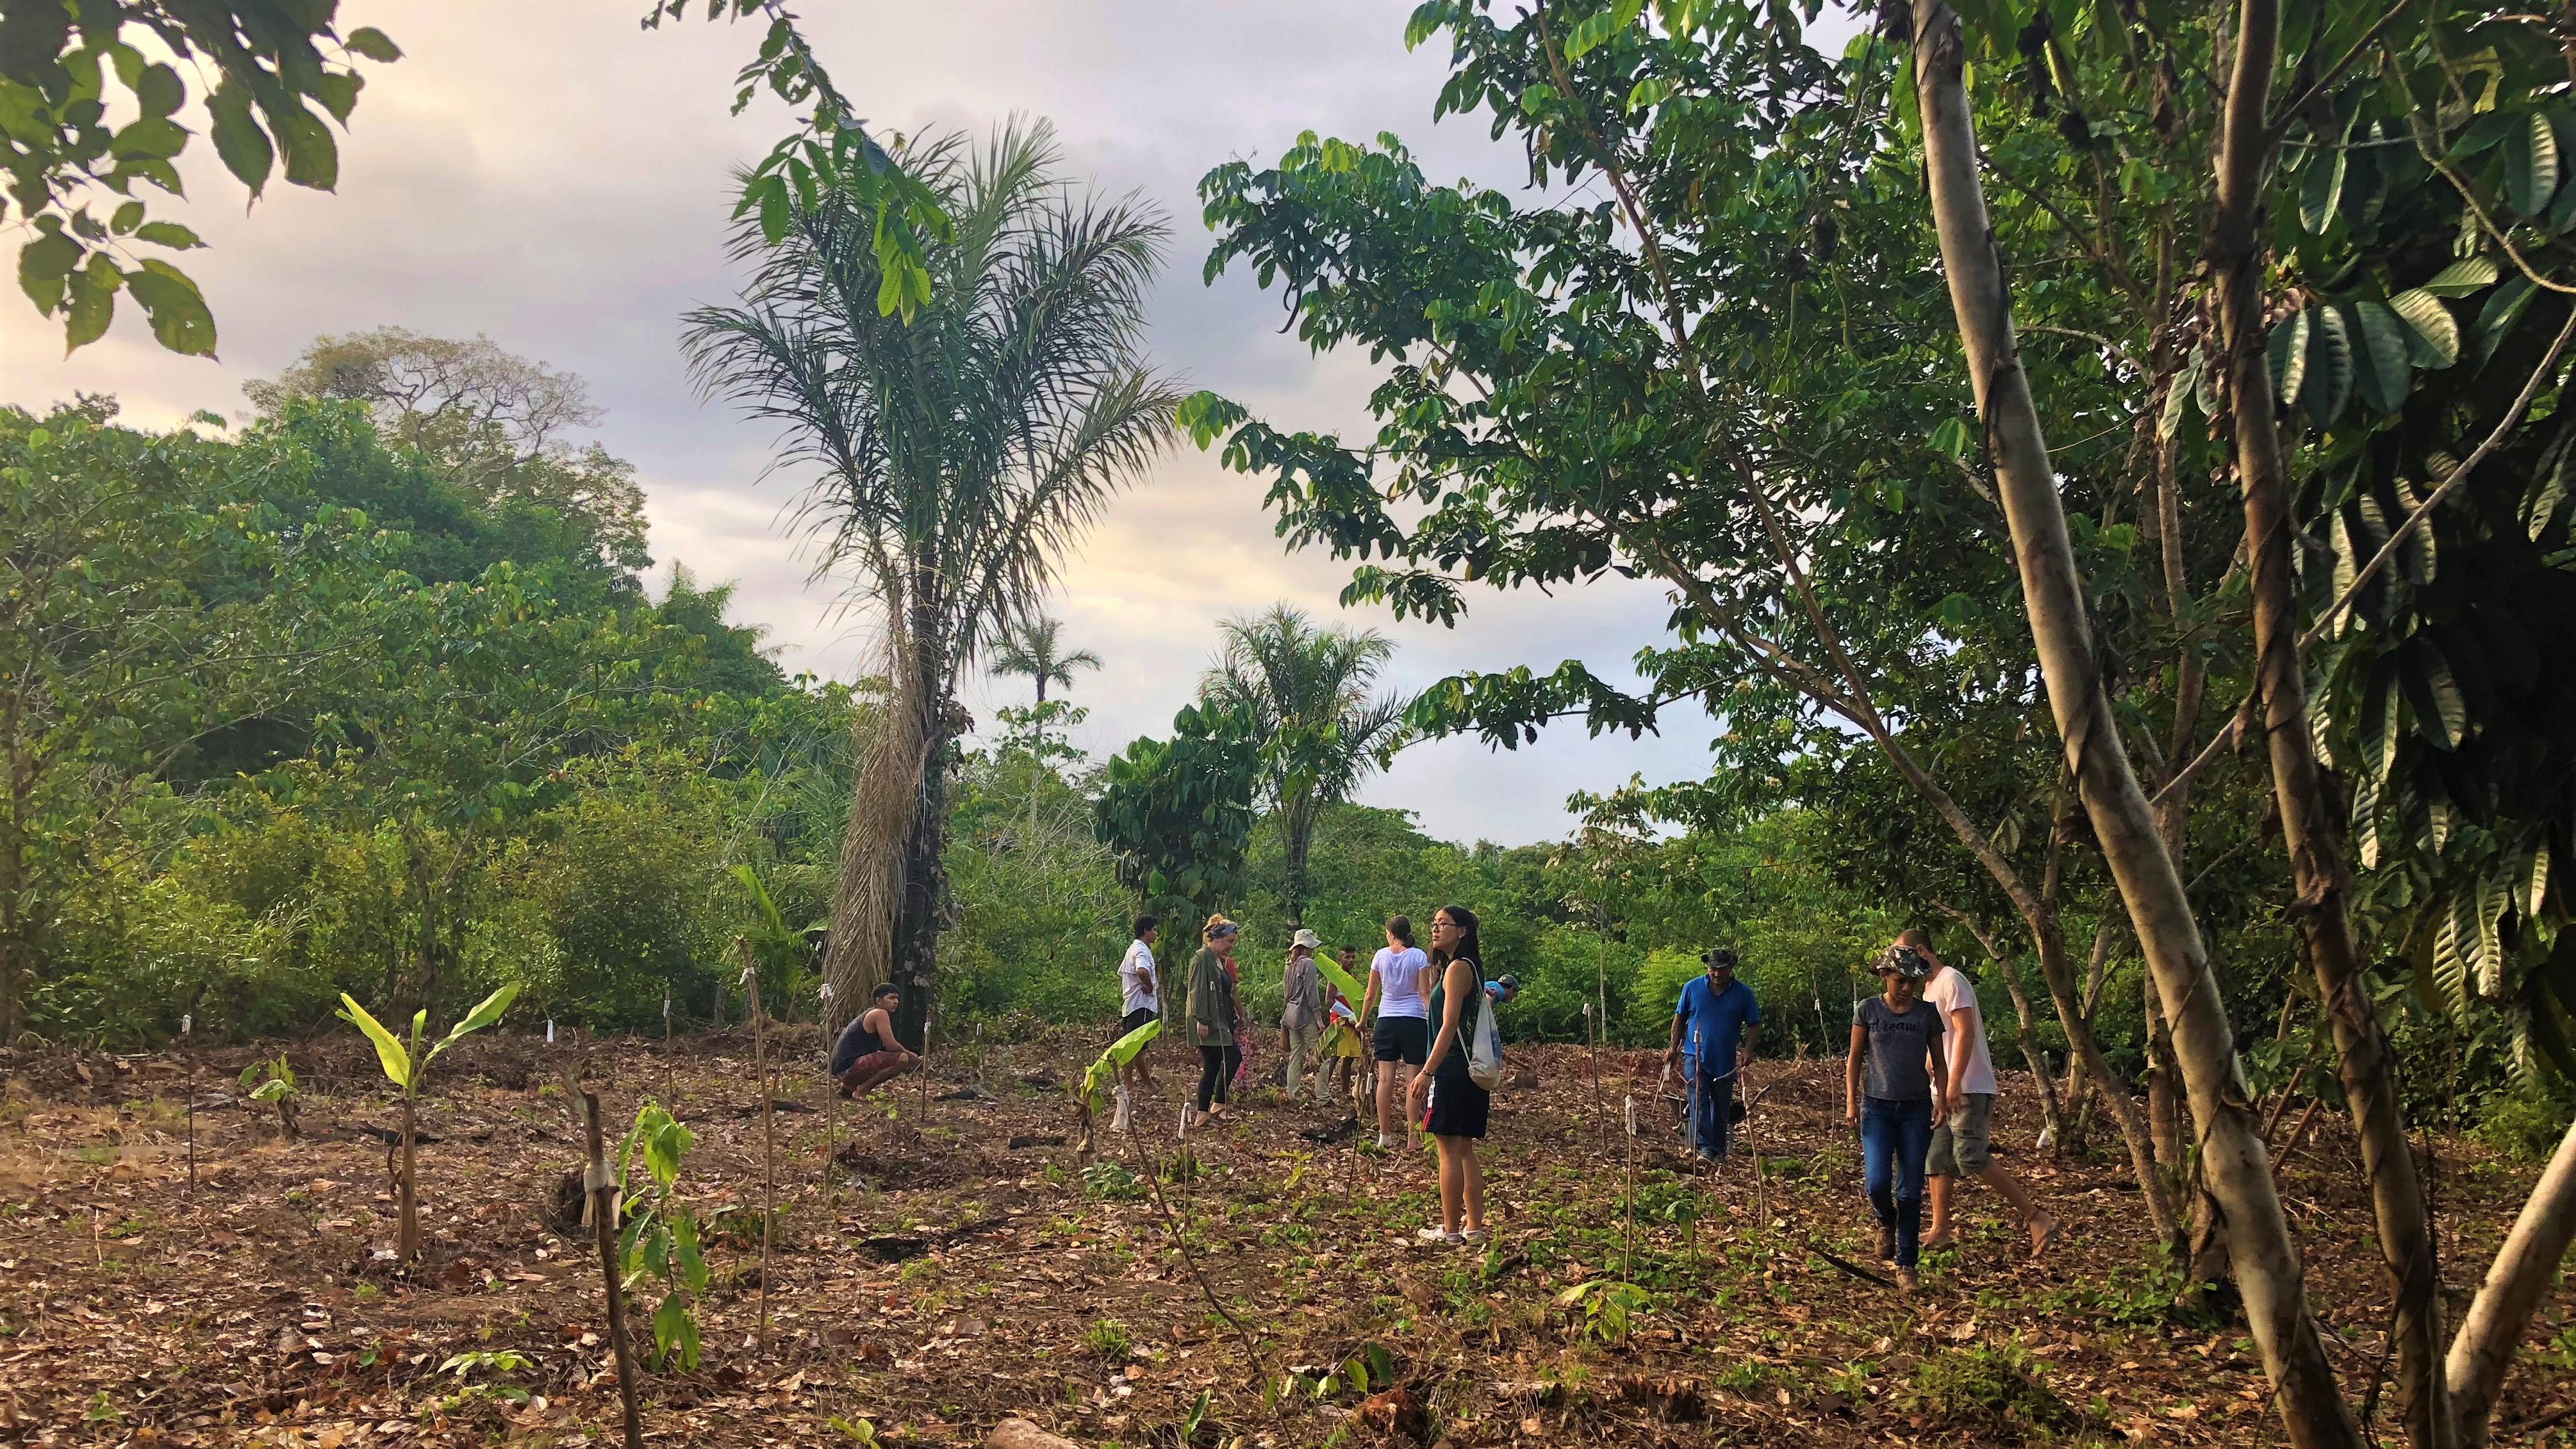 Die Landwirtschaft hat bereits einen großen Teil des Regenwaldes zerstört. Eine nachhaltige Methode soll das nun ändern: der Agroforst.